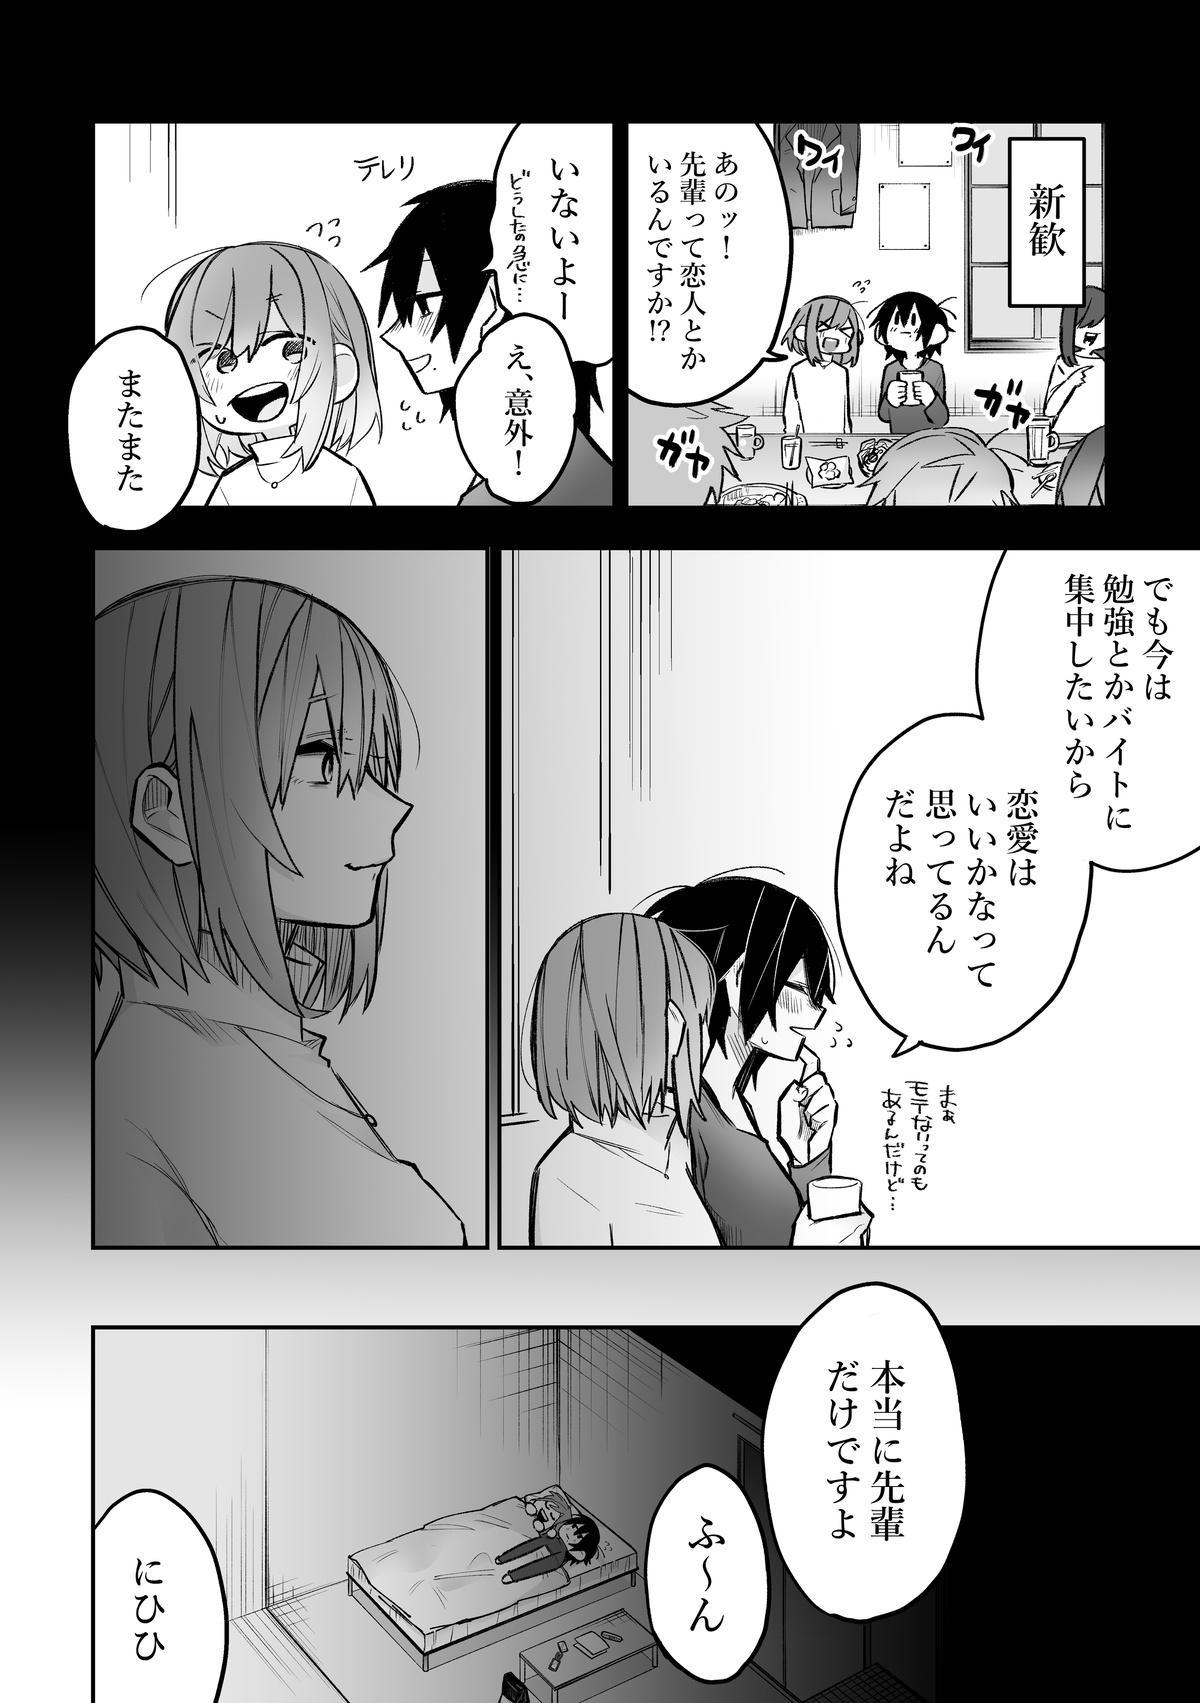 Honshin wa Makuramoto ni Kakushite. 22